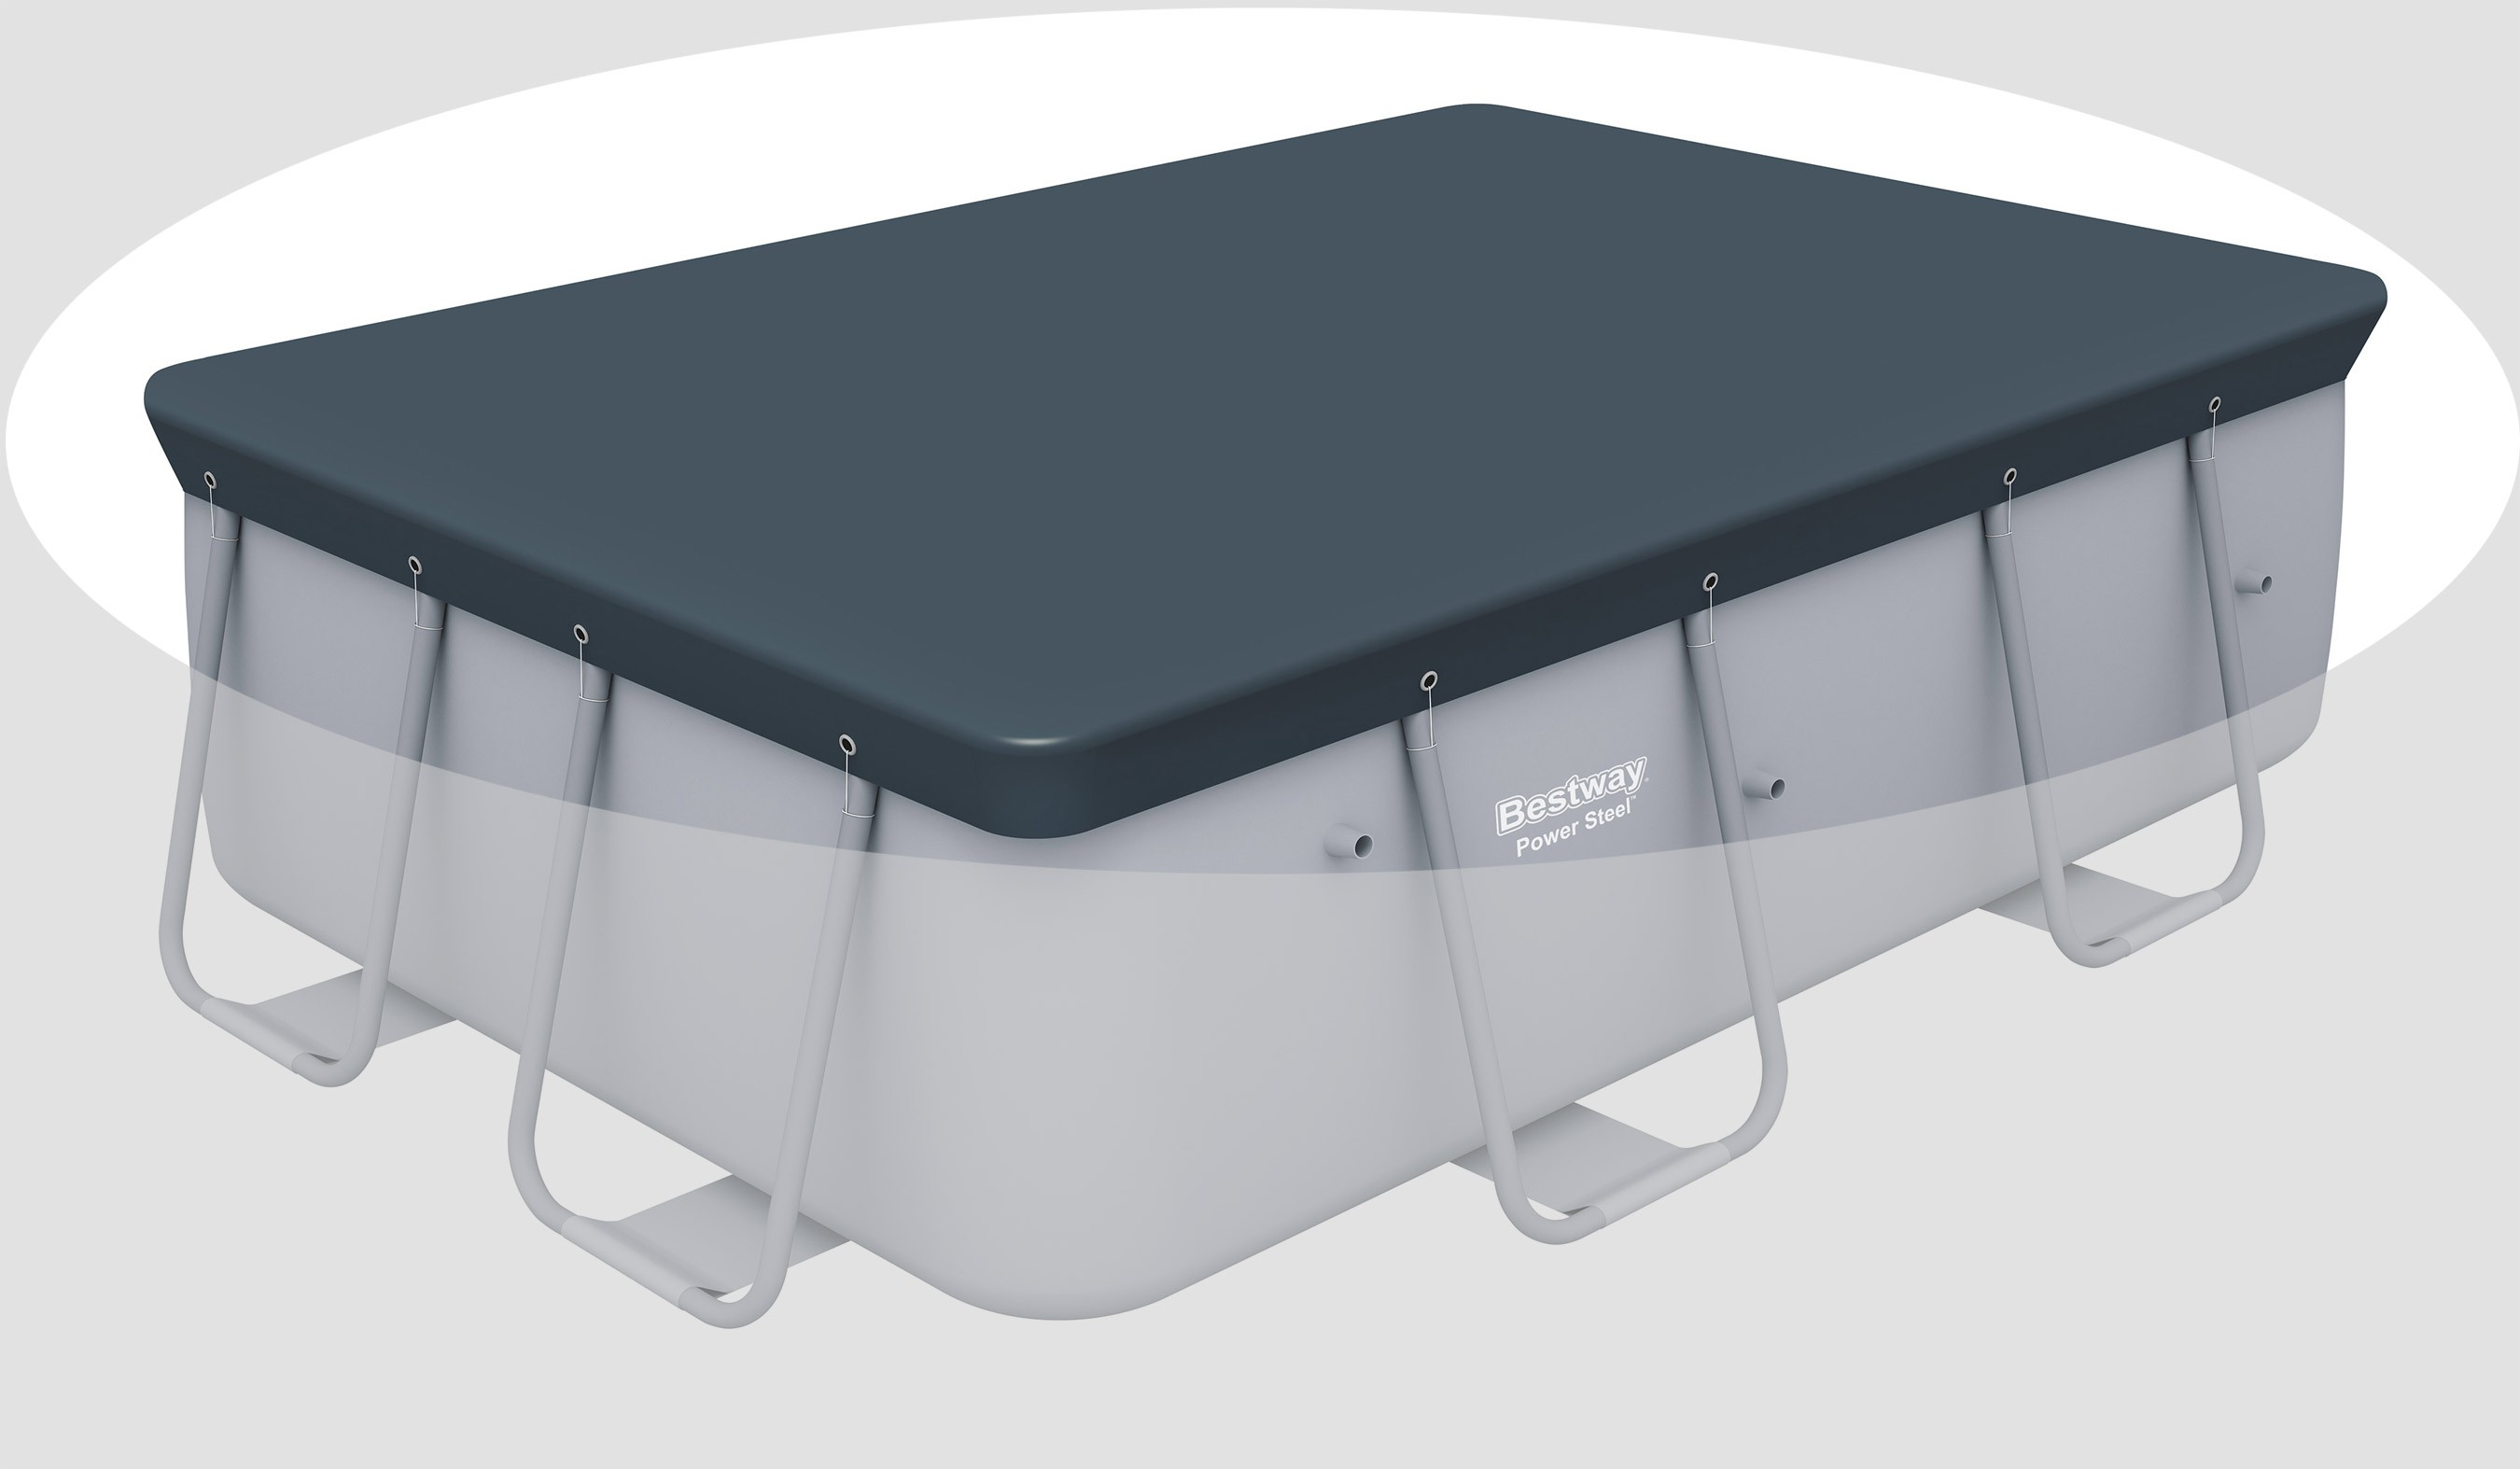 bestway pool rechteckig abdeckplane schwimmbad und saunen. Black Bedroom Furniture Sets. Home Design Ideas